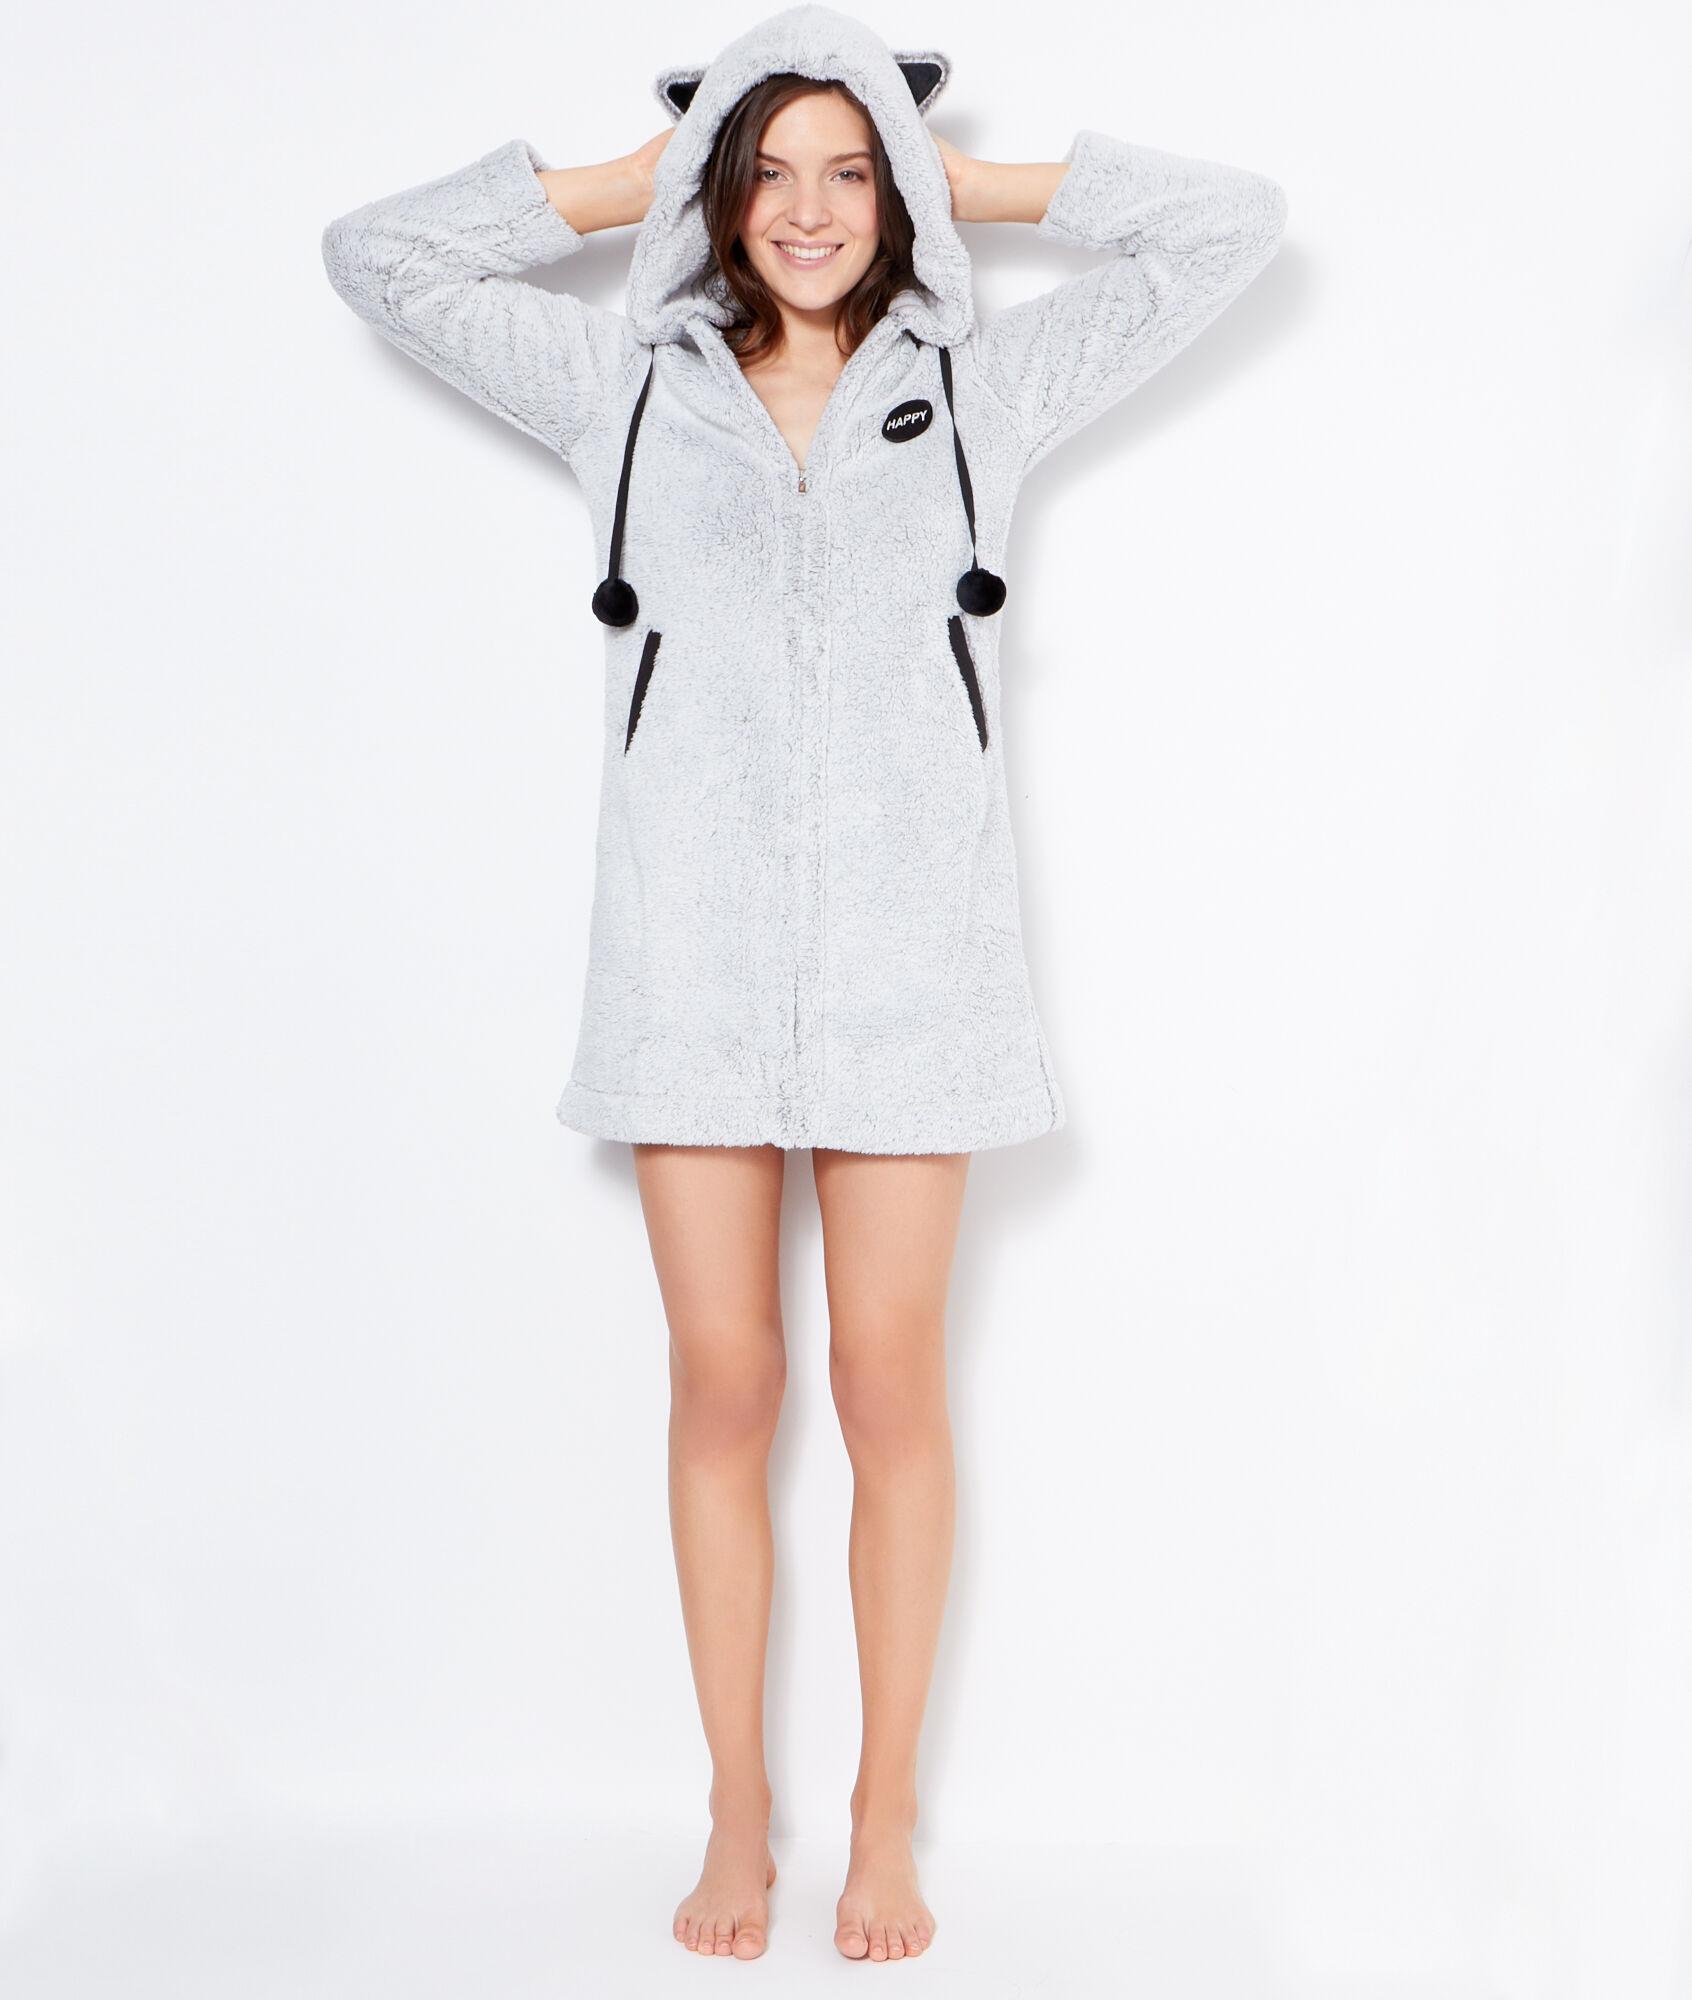 robe de chambre femme chez etam de chambre pour femme en polaire robe. Black Bedroom Furniture Sets. Home Design Ideas